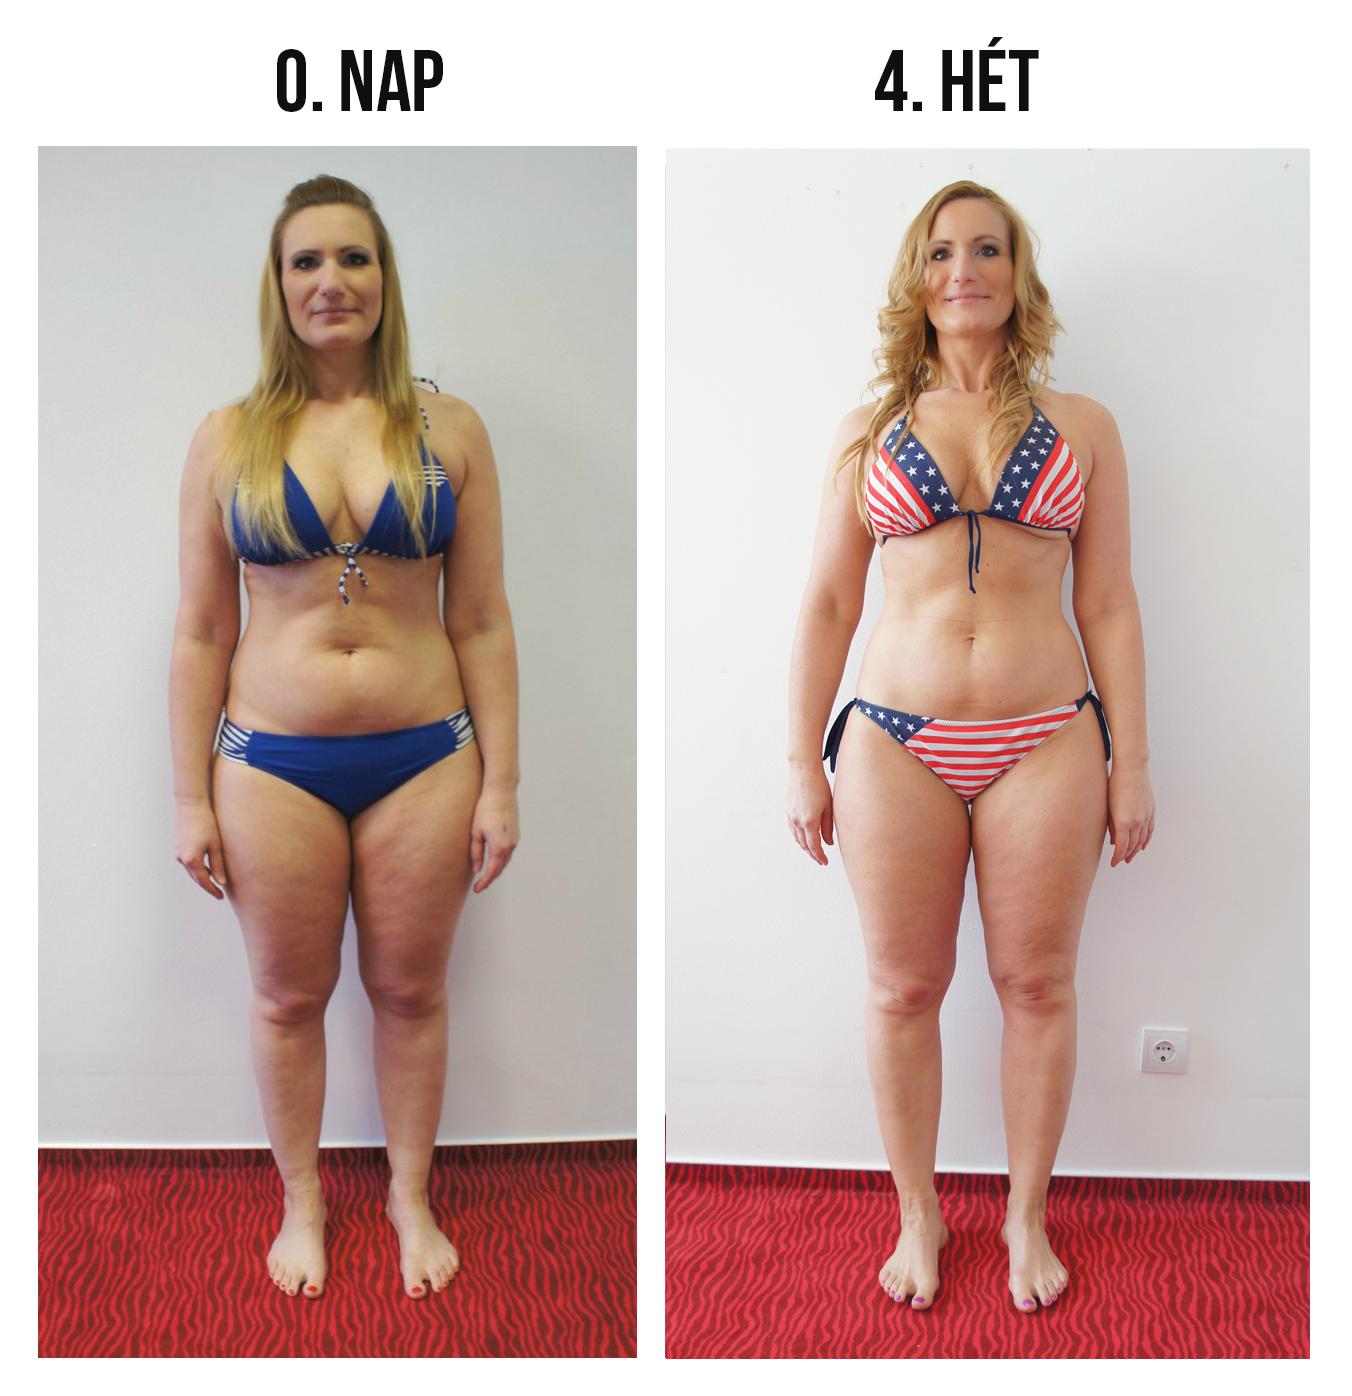 fogyás cellulit a túlzott testsúlycsökkenés meghatározása